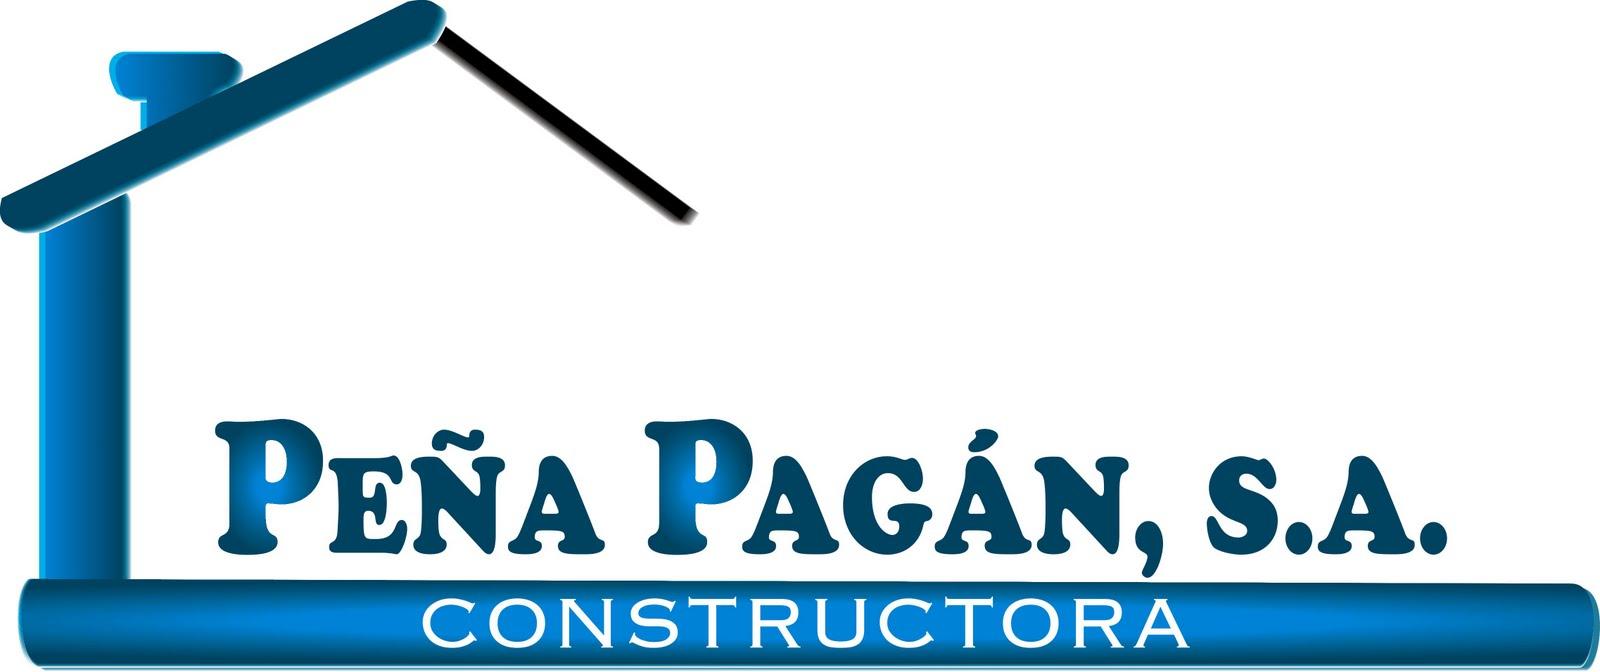 Constructora pe a pagan for Constructora